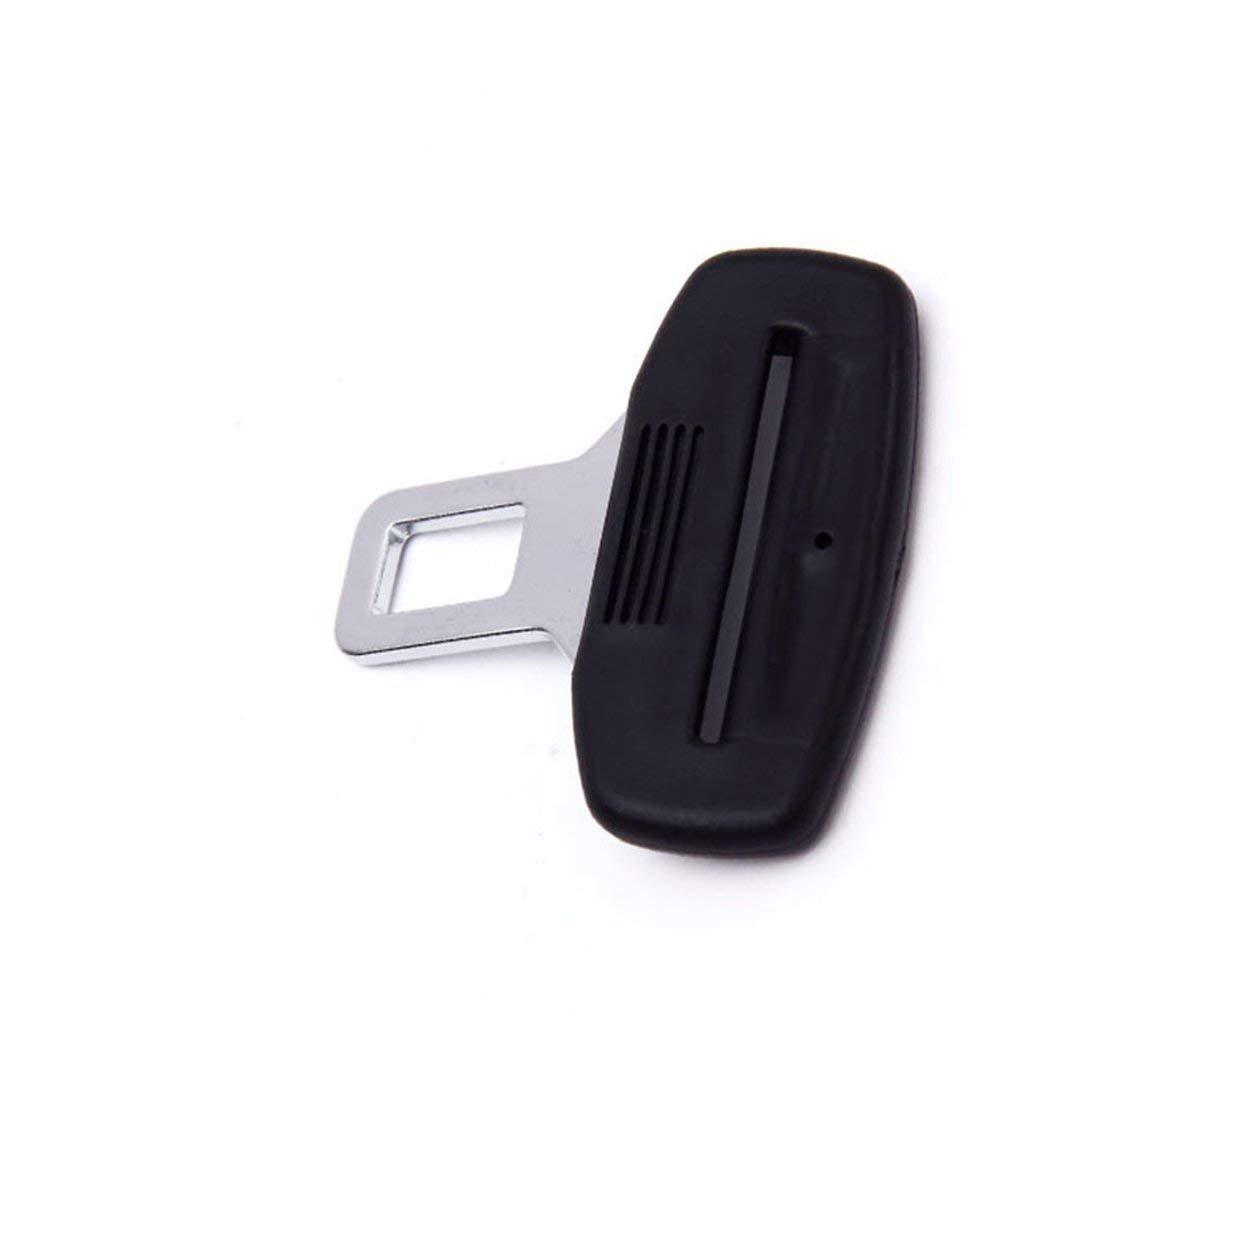 Pi/èces de voiture de s/écurit/é But/ée de ceinture de s/écurit/é en plastique de voiture Espacement Boucle Clip de retenue Bouton de retenue de ceinture de s/écurit/é couleur: noir